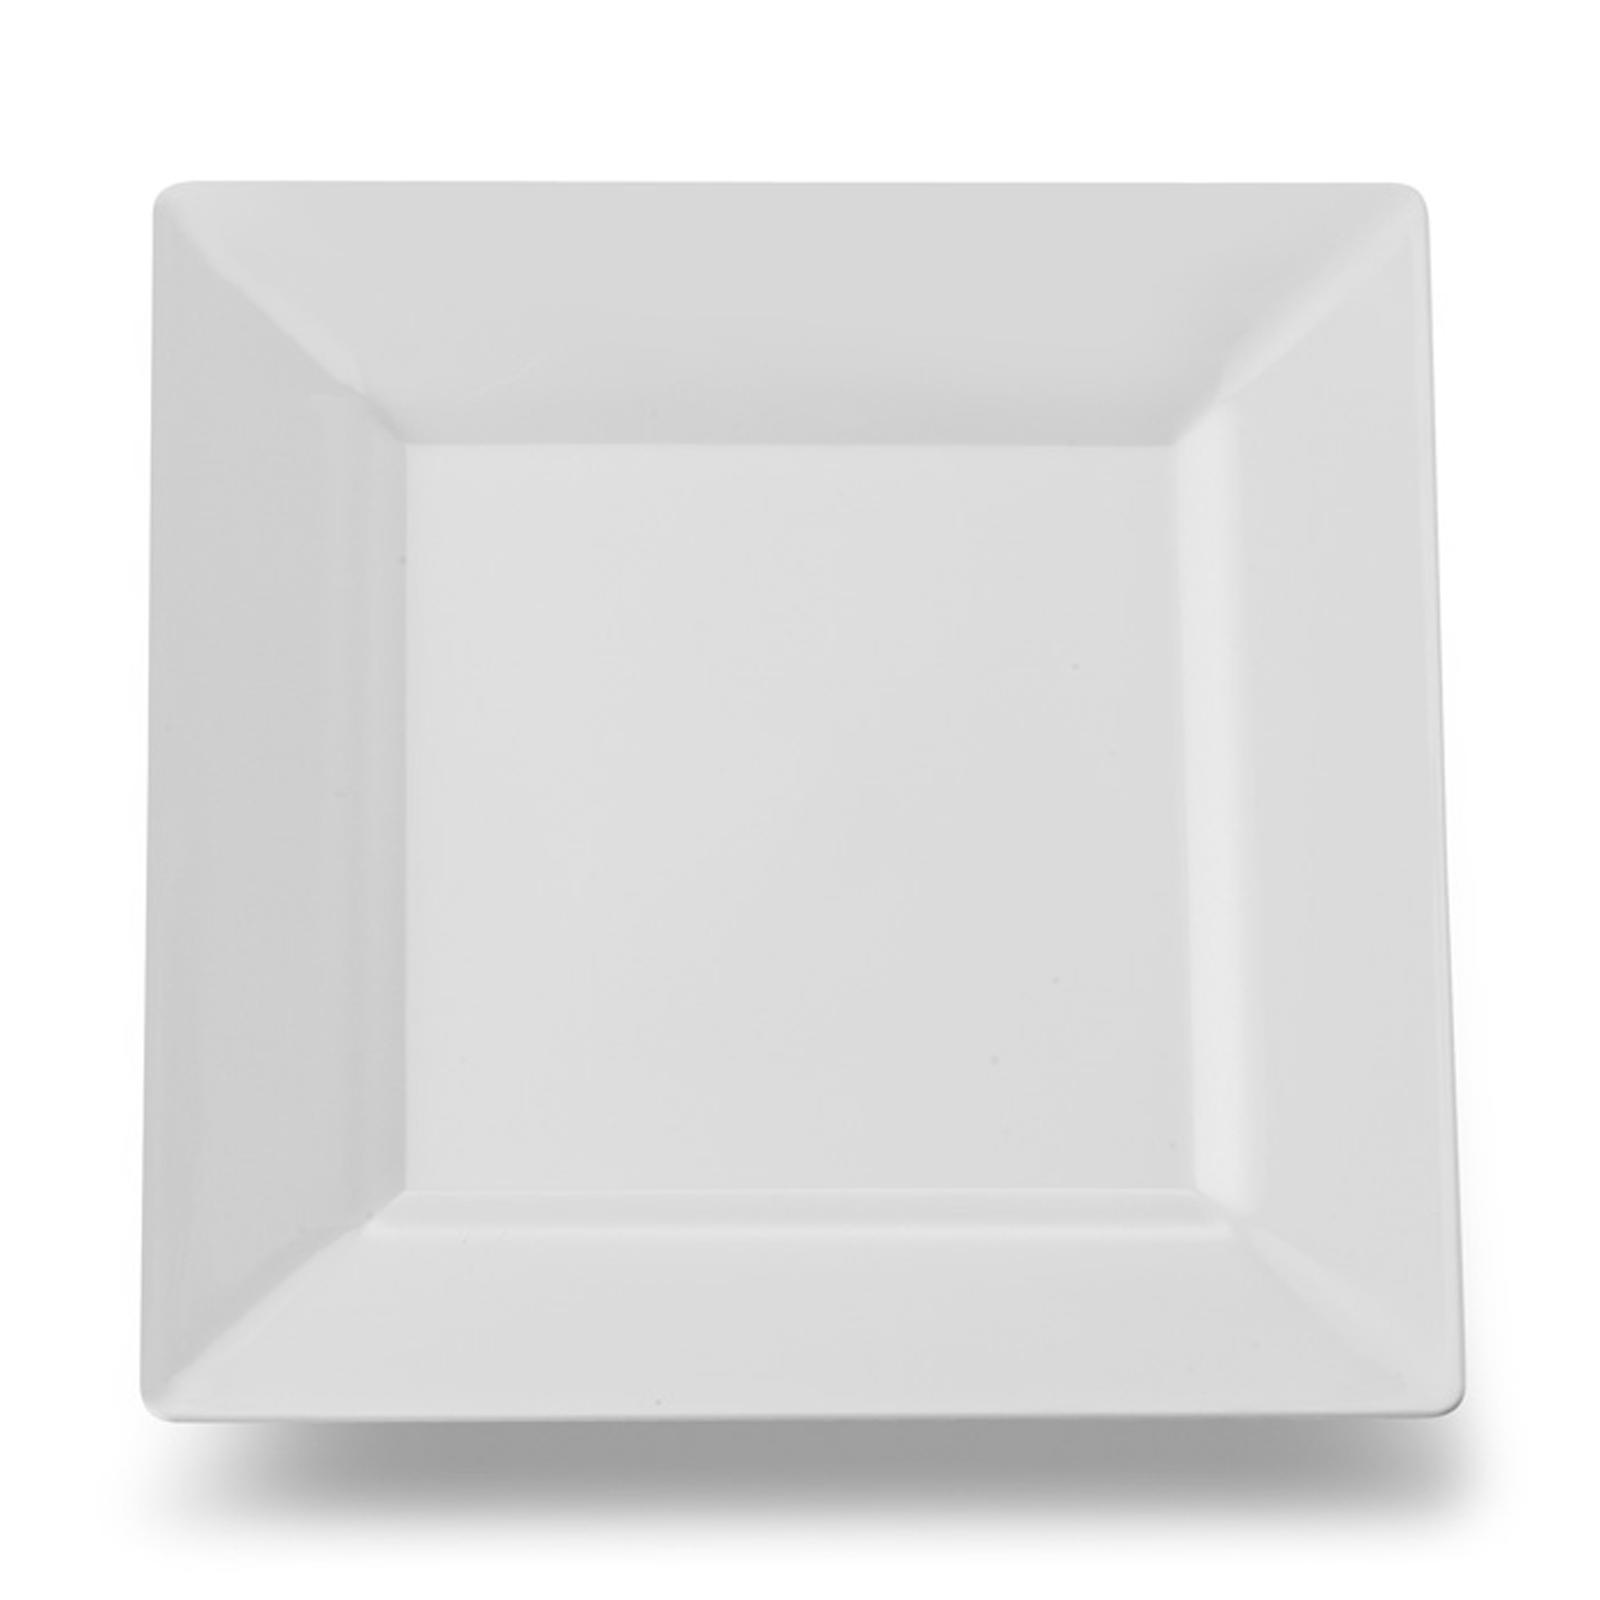 Dinnerware Classic Square White Egpres